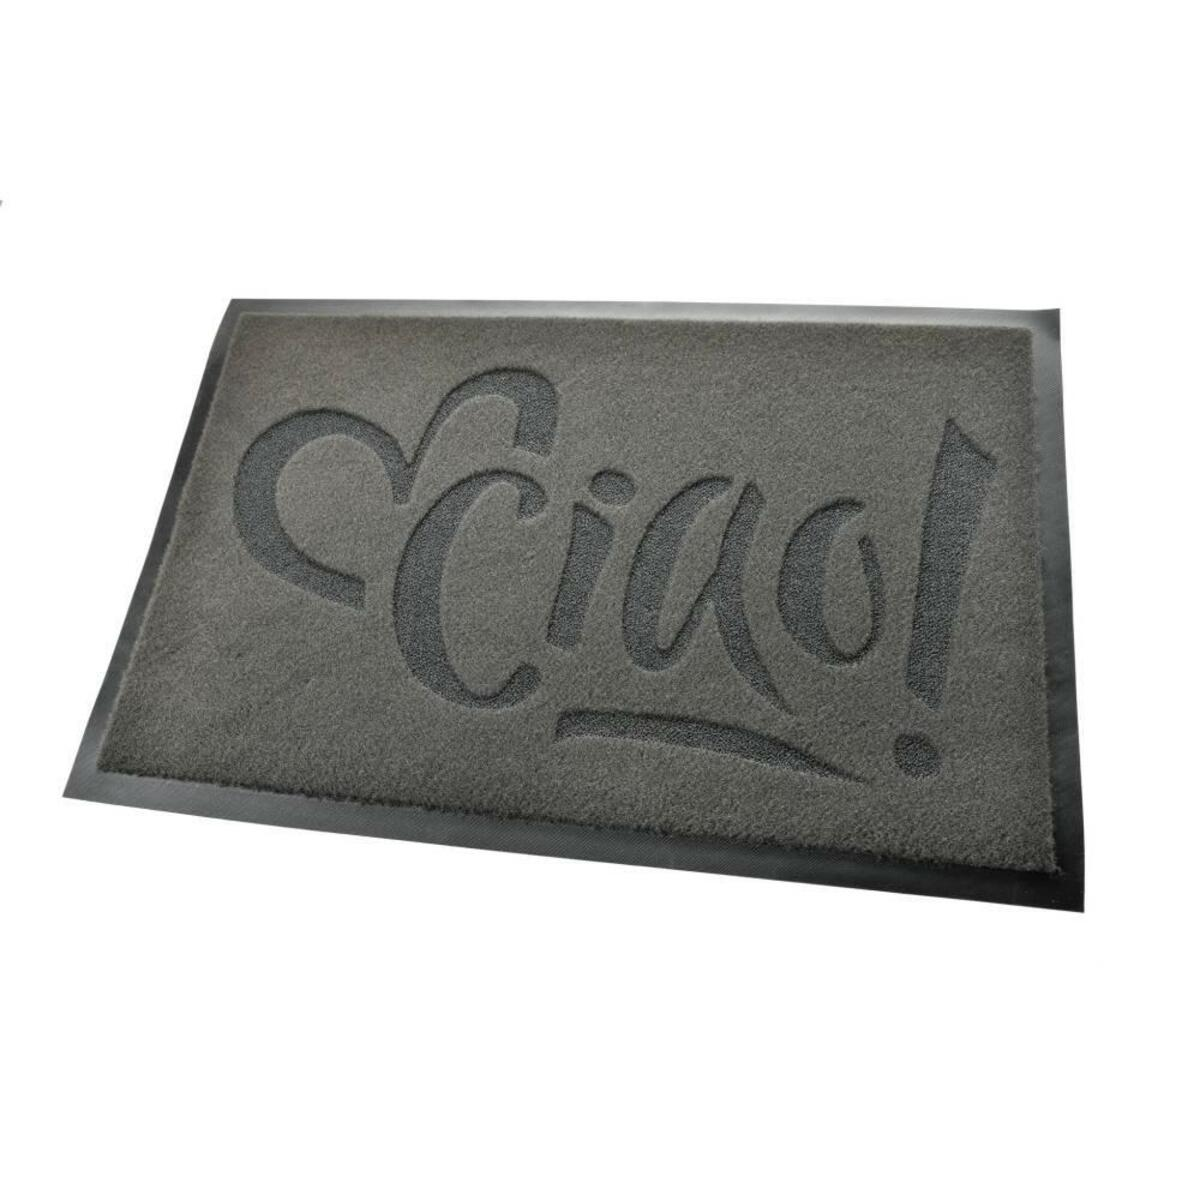 Bild 2 von acerto® Premium Fußmatte Schmutzfangmatte CIAO grau 40x60cm